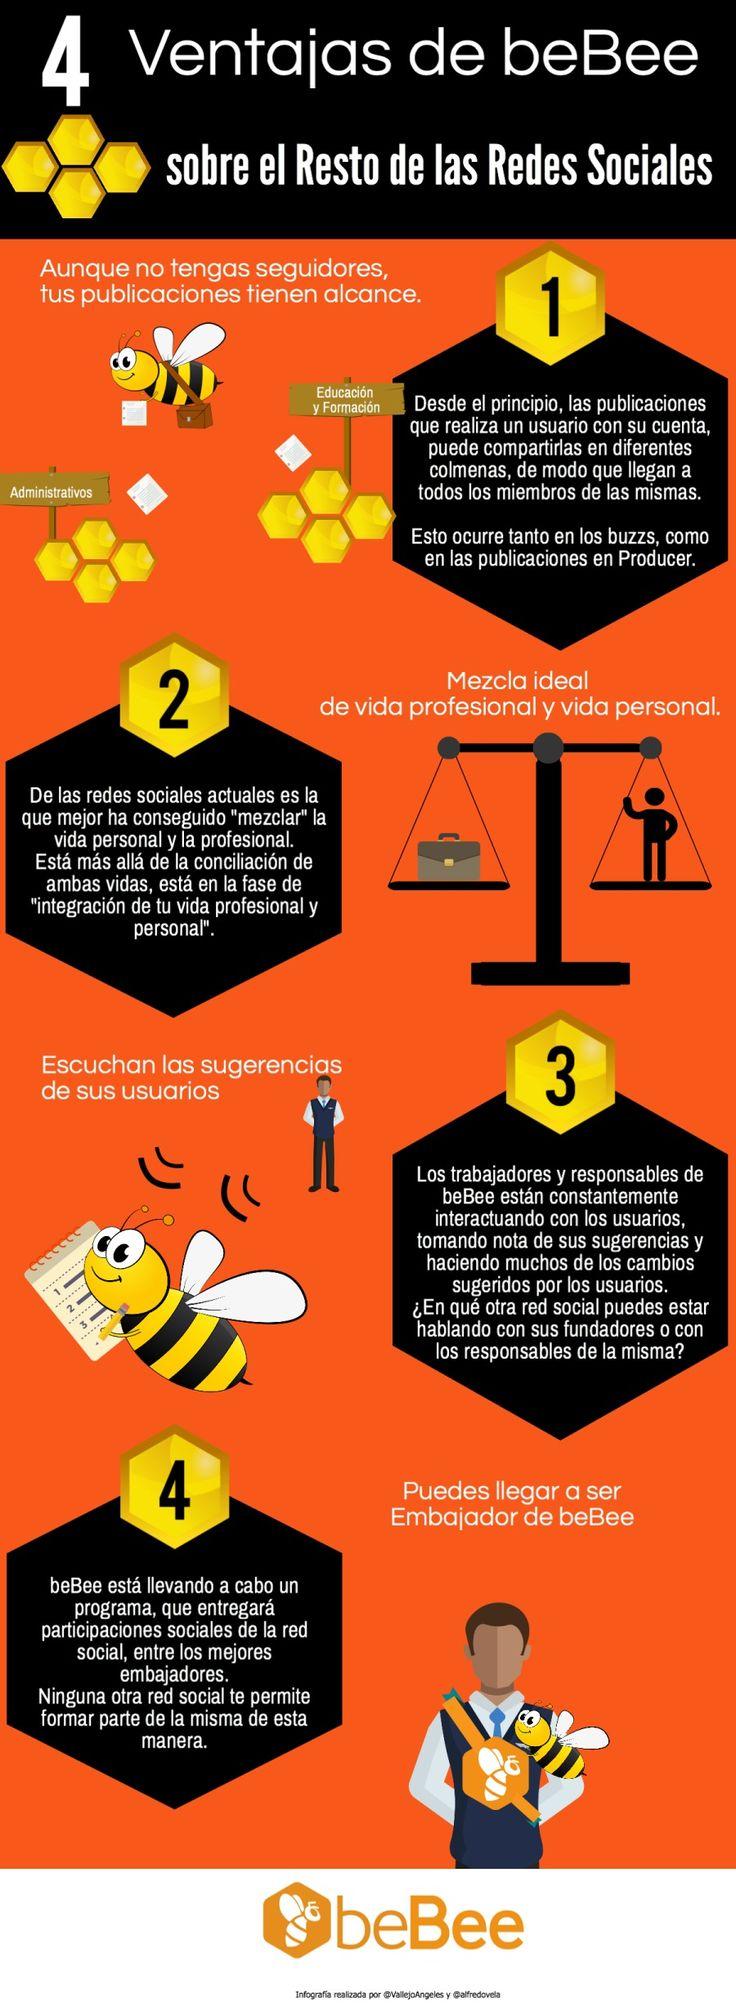 4 ventajas de beBee sobre el resto de Redes Sociales #infografia